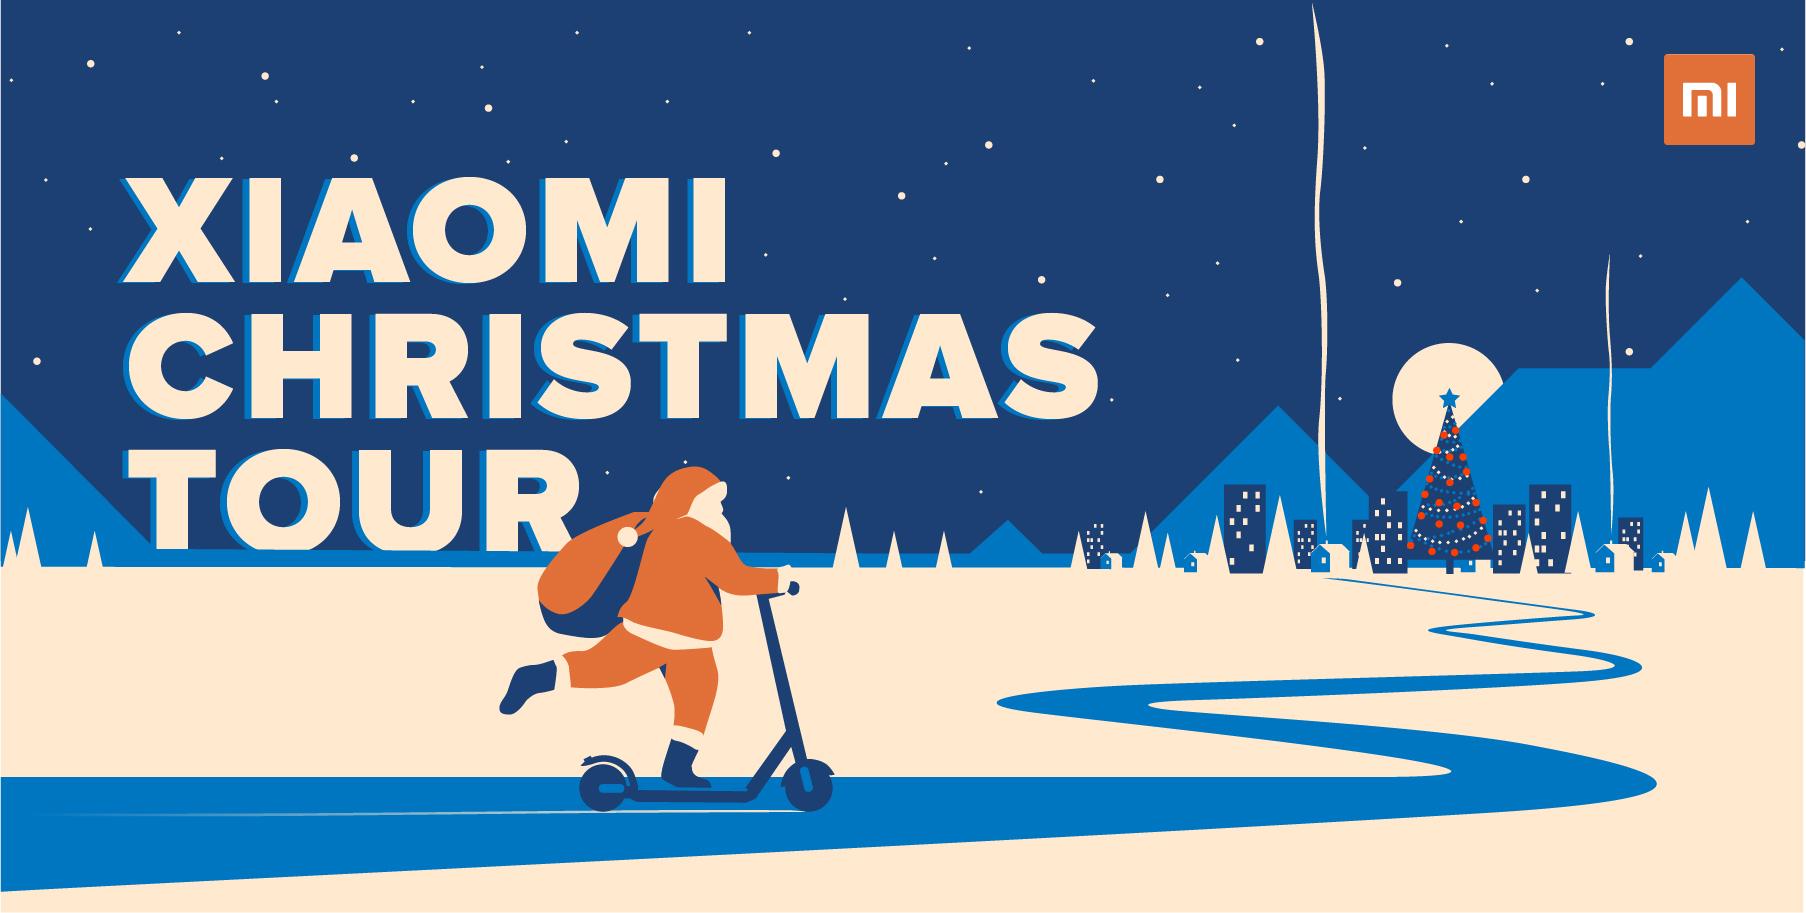 Le Mi Christmas Tour arrive !